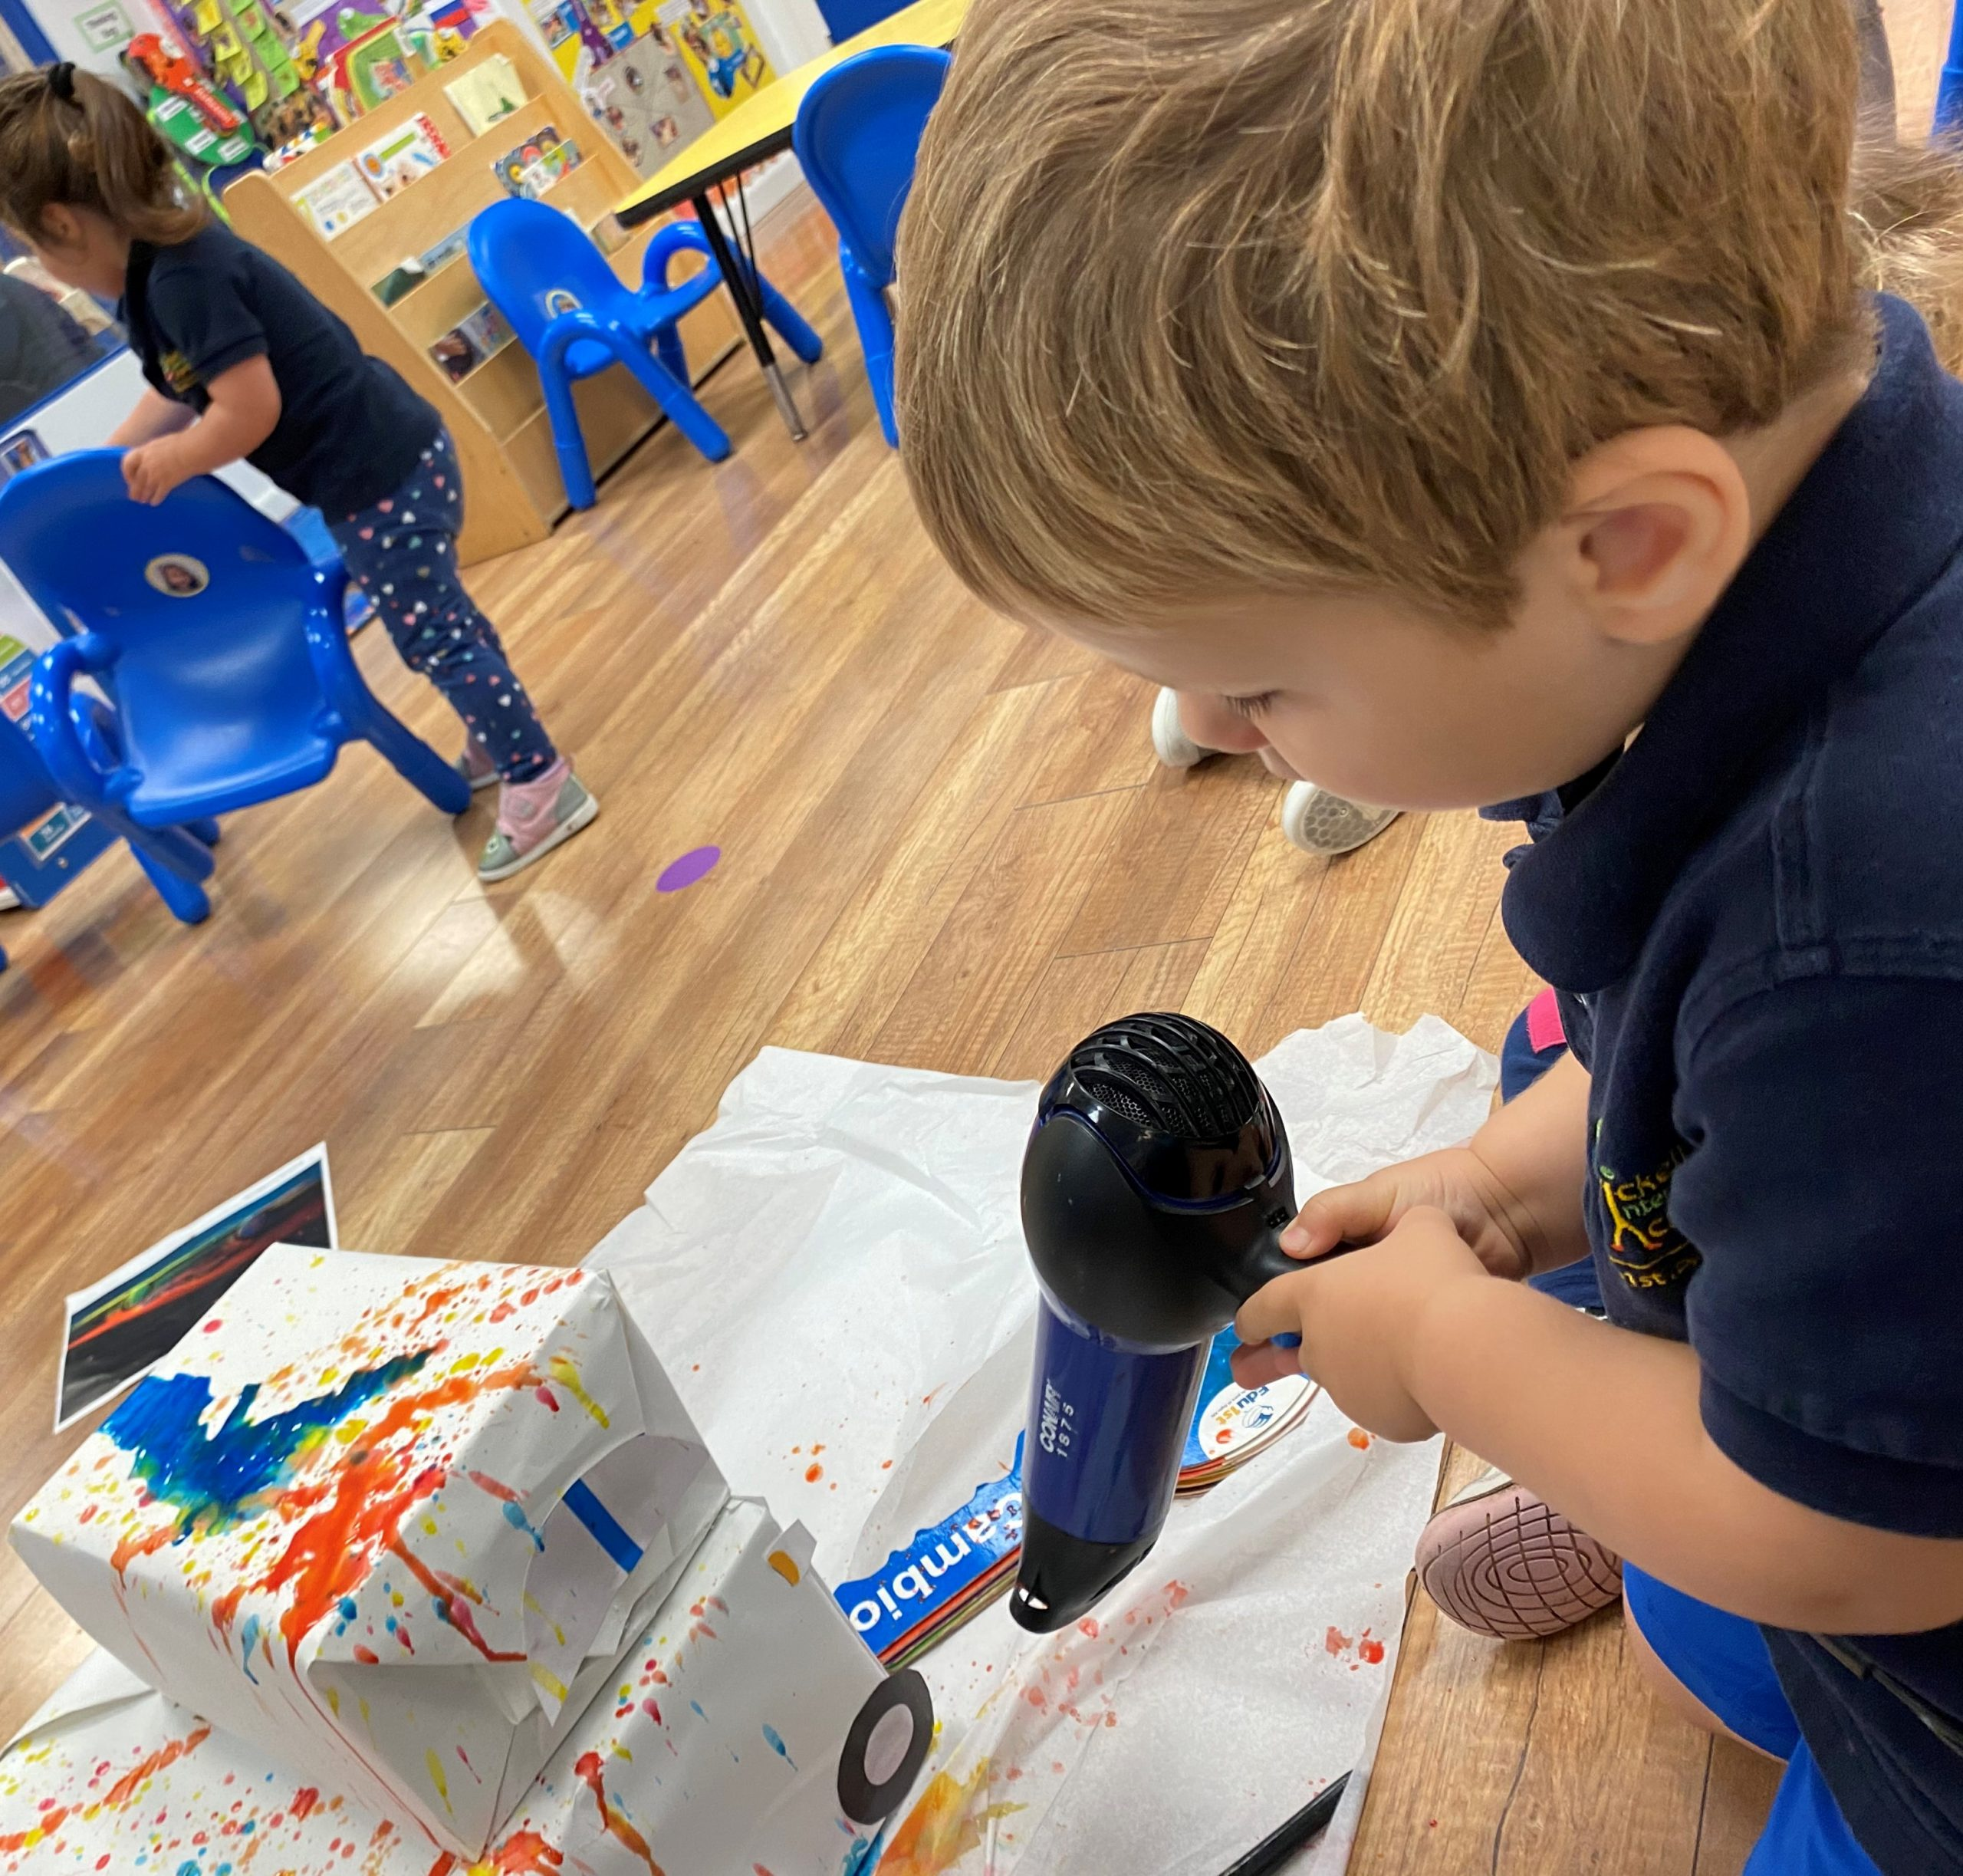 """En enero, a través del componente """"Explorando las Artes"""", se creó una actividad narrativa y participativa junto a los niños en base a la apreciación de la Obra del artista, Fabian Oefner, quien explora los límites entre el tiempo, el espacio y la realidad"""